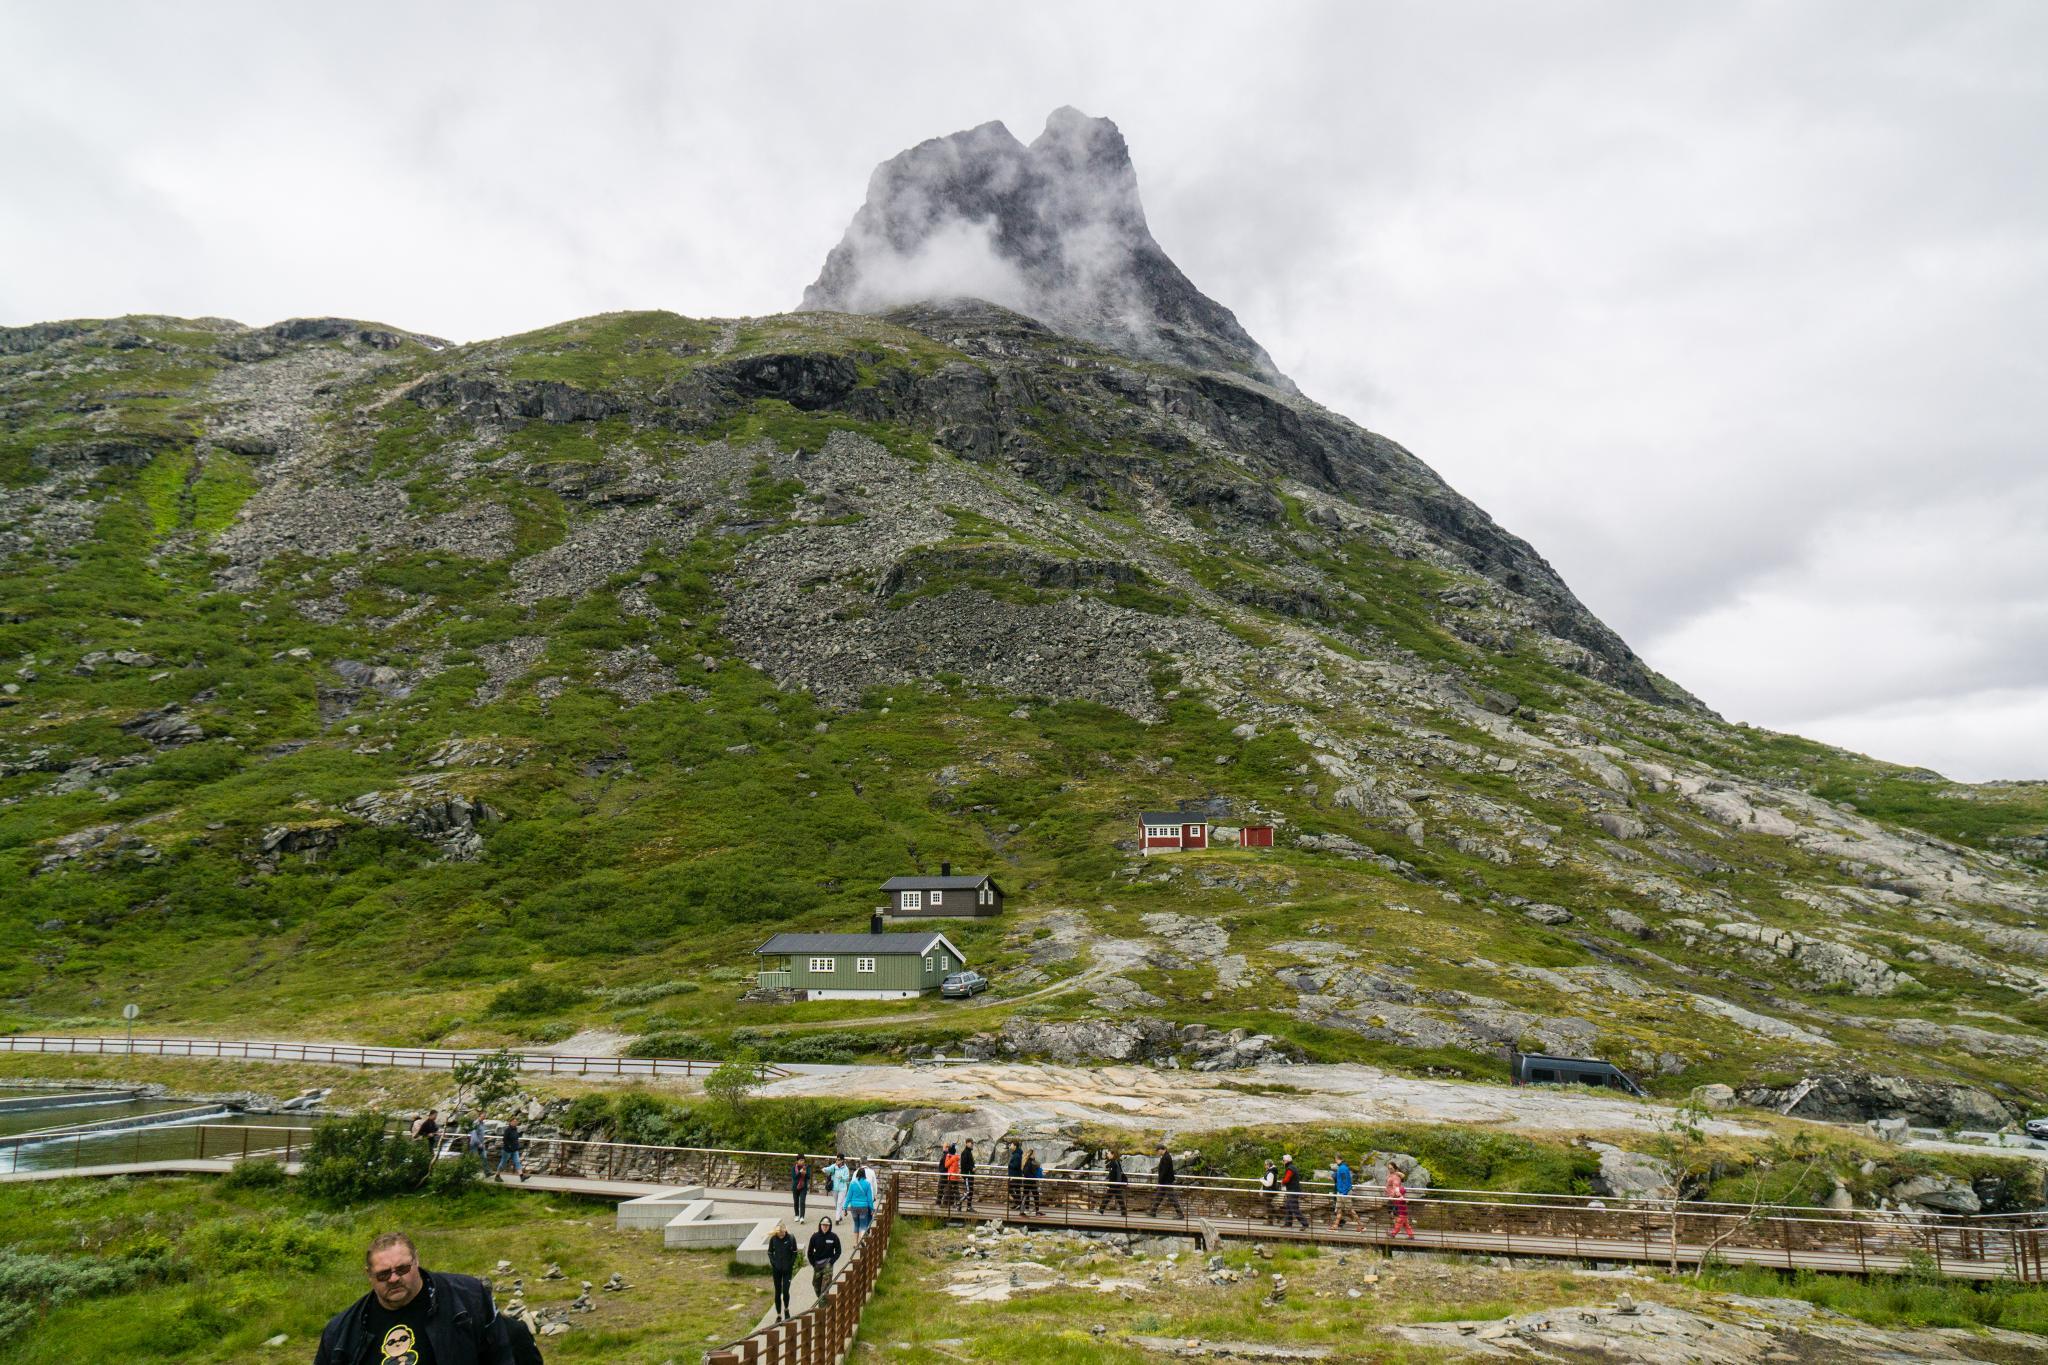 【北歐景點】Trollstigen 精靈之路 ∣ 挪威最驚險的世界級景觀公路 11